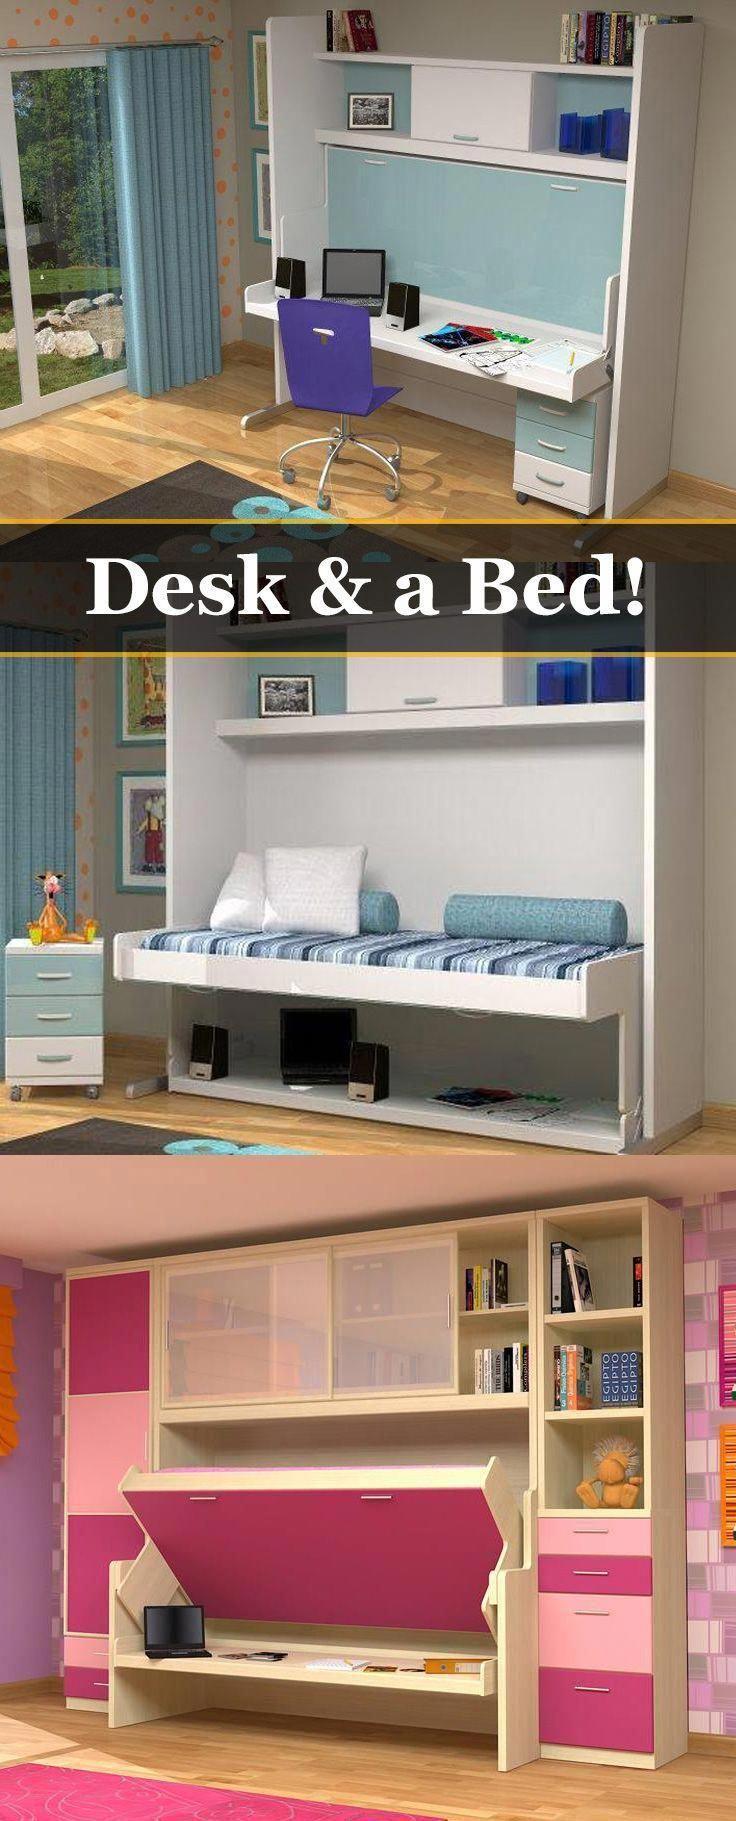 Hiddenbed® FoldOut Bed and Desk Mechanism Murphy bed